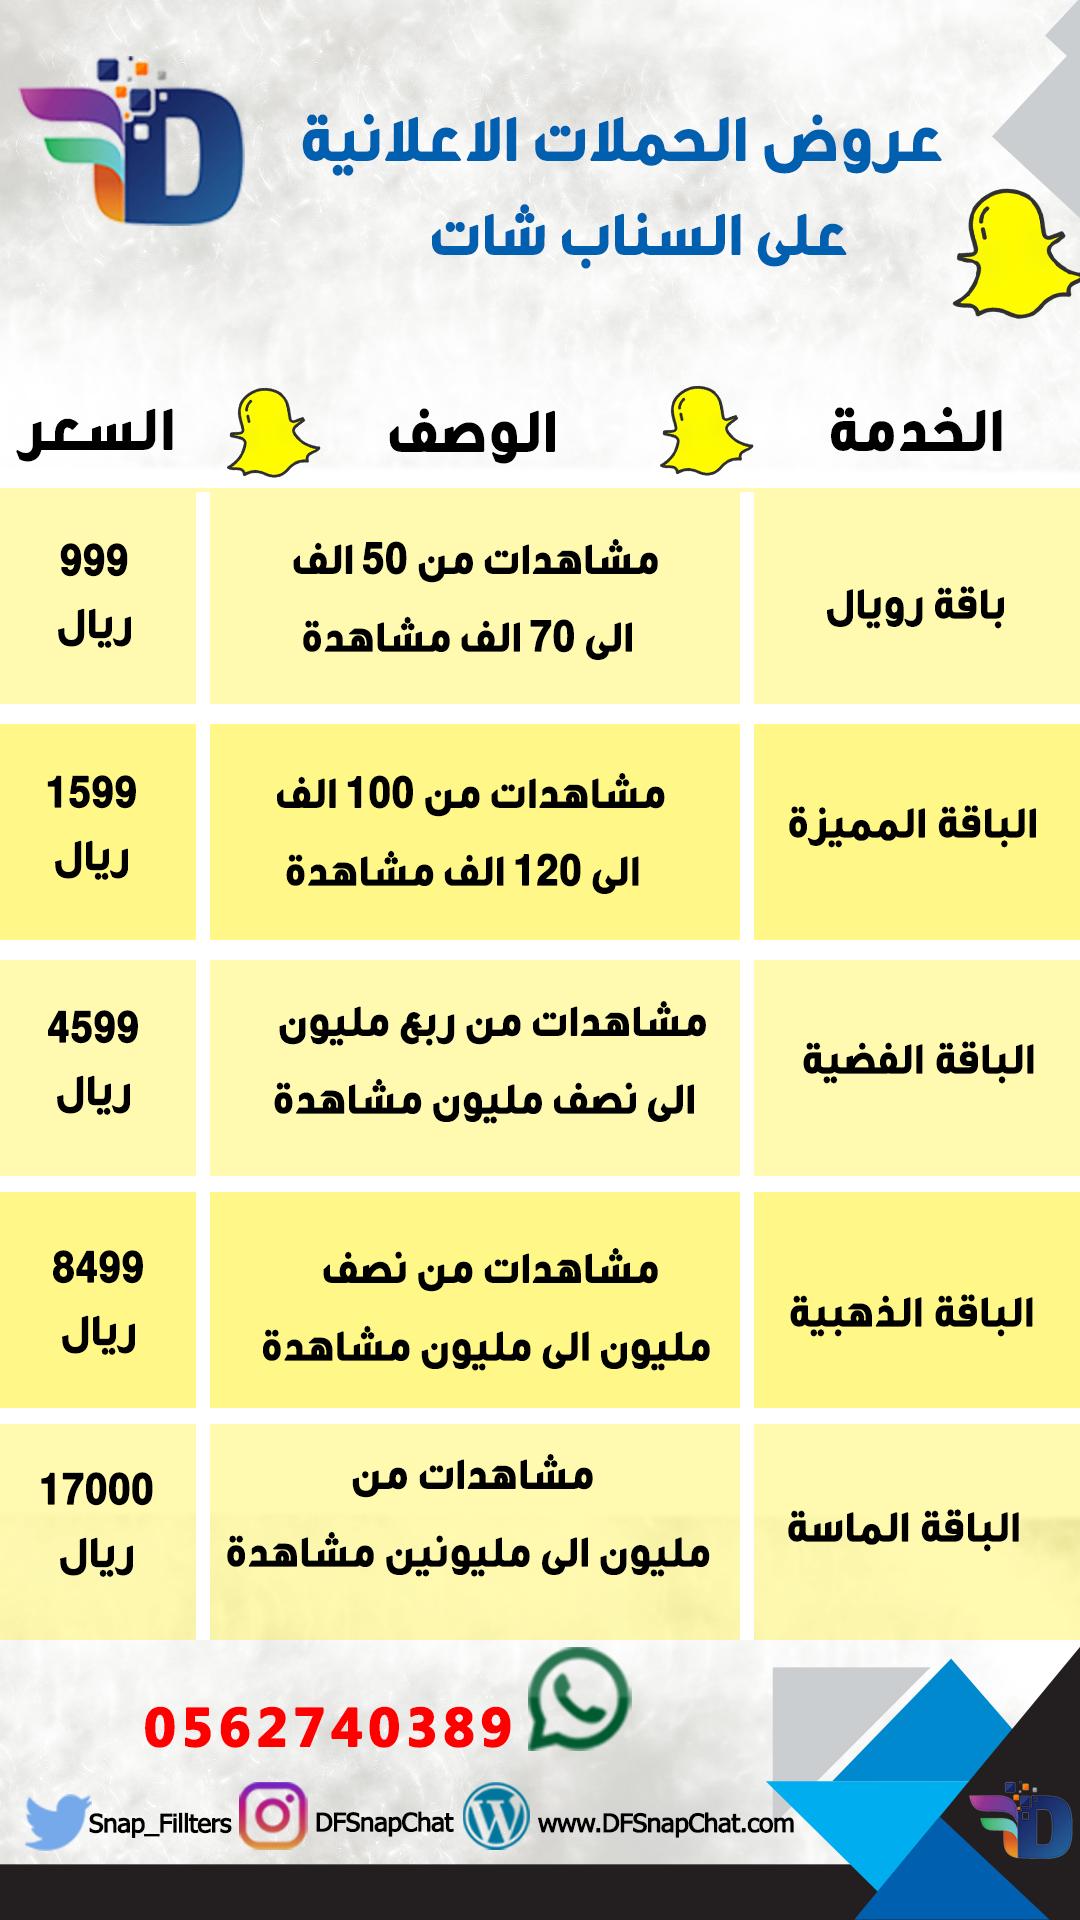 اسعار الحملات الاعلانية على سناب شات Instagram Instagram Photo Photo And Video